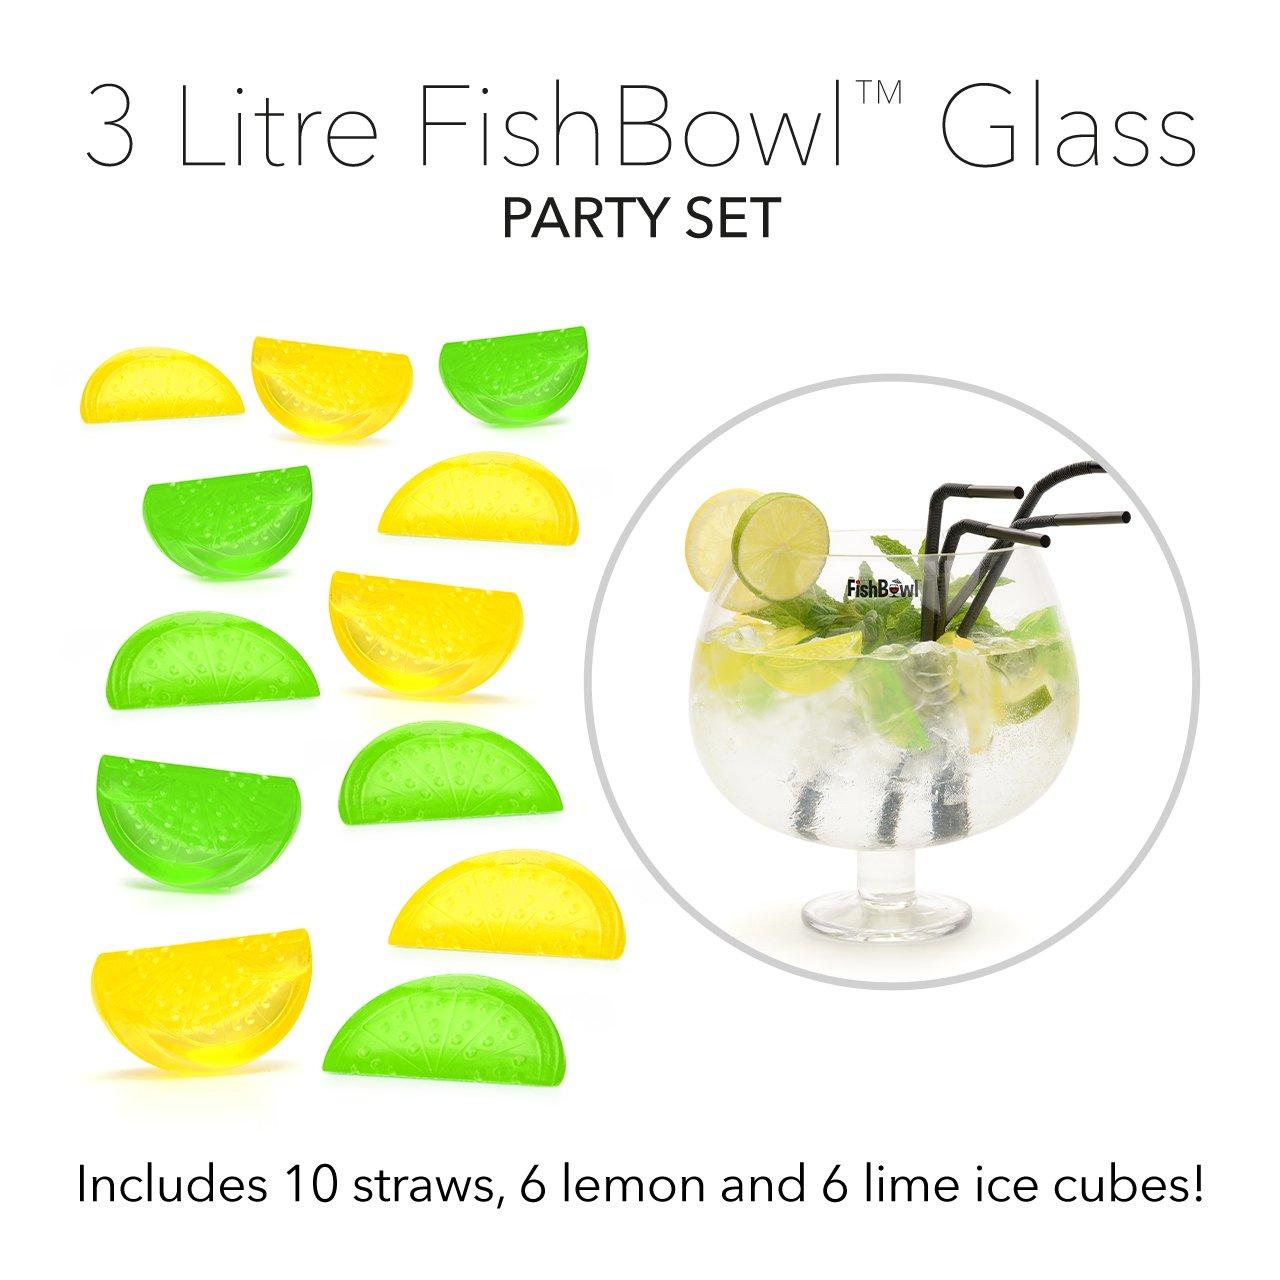 FishBowl Pecera Cristal Gin cóctel Compartir Bowl Set de Fiesta con pajitas y Cubitos de Hielo, Claro, 3 L: Amazon.es: Hogar